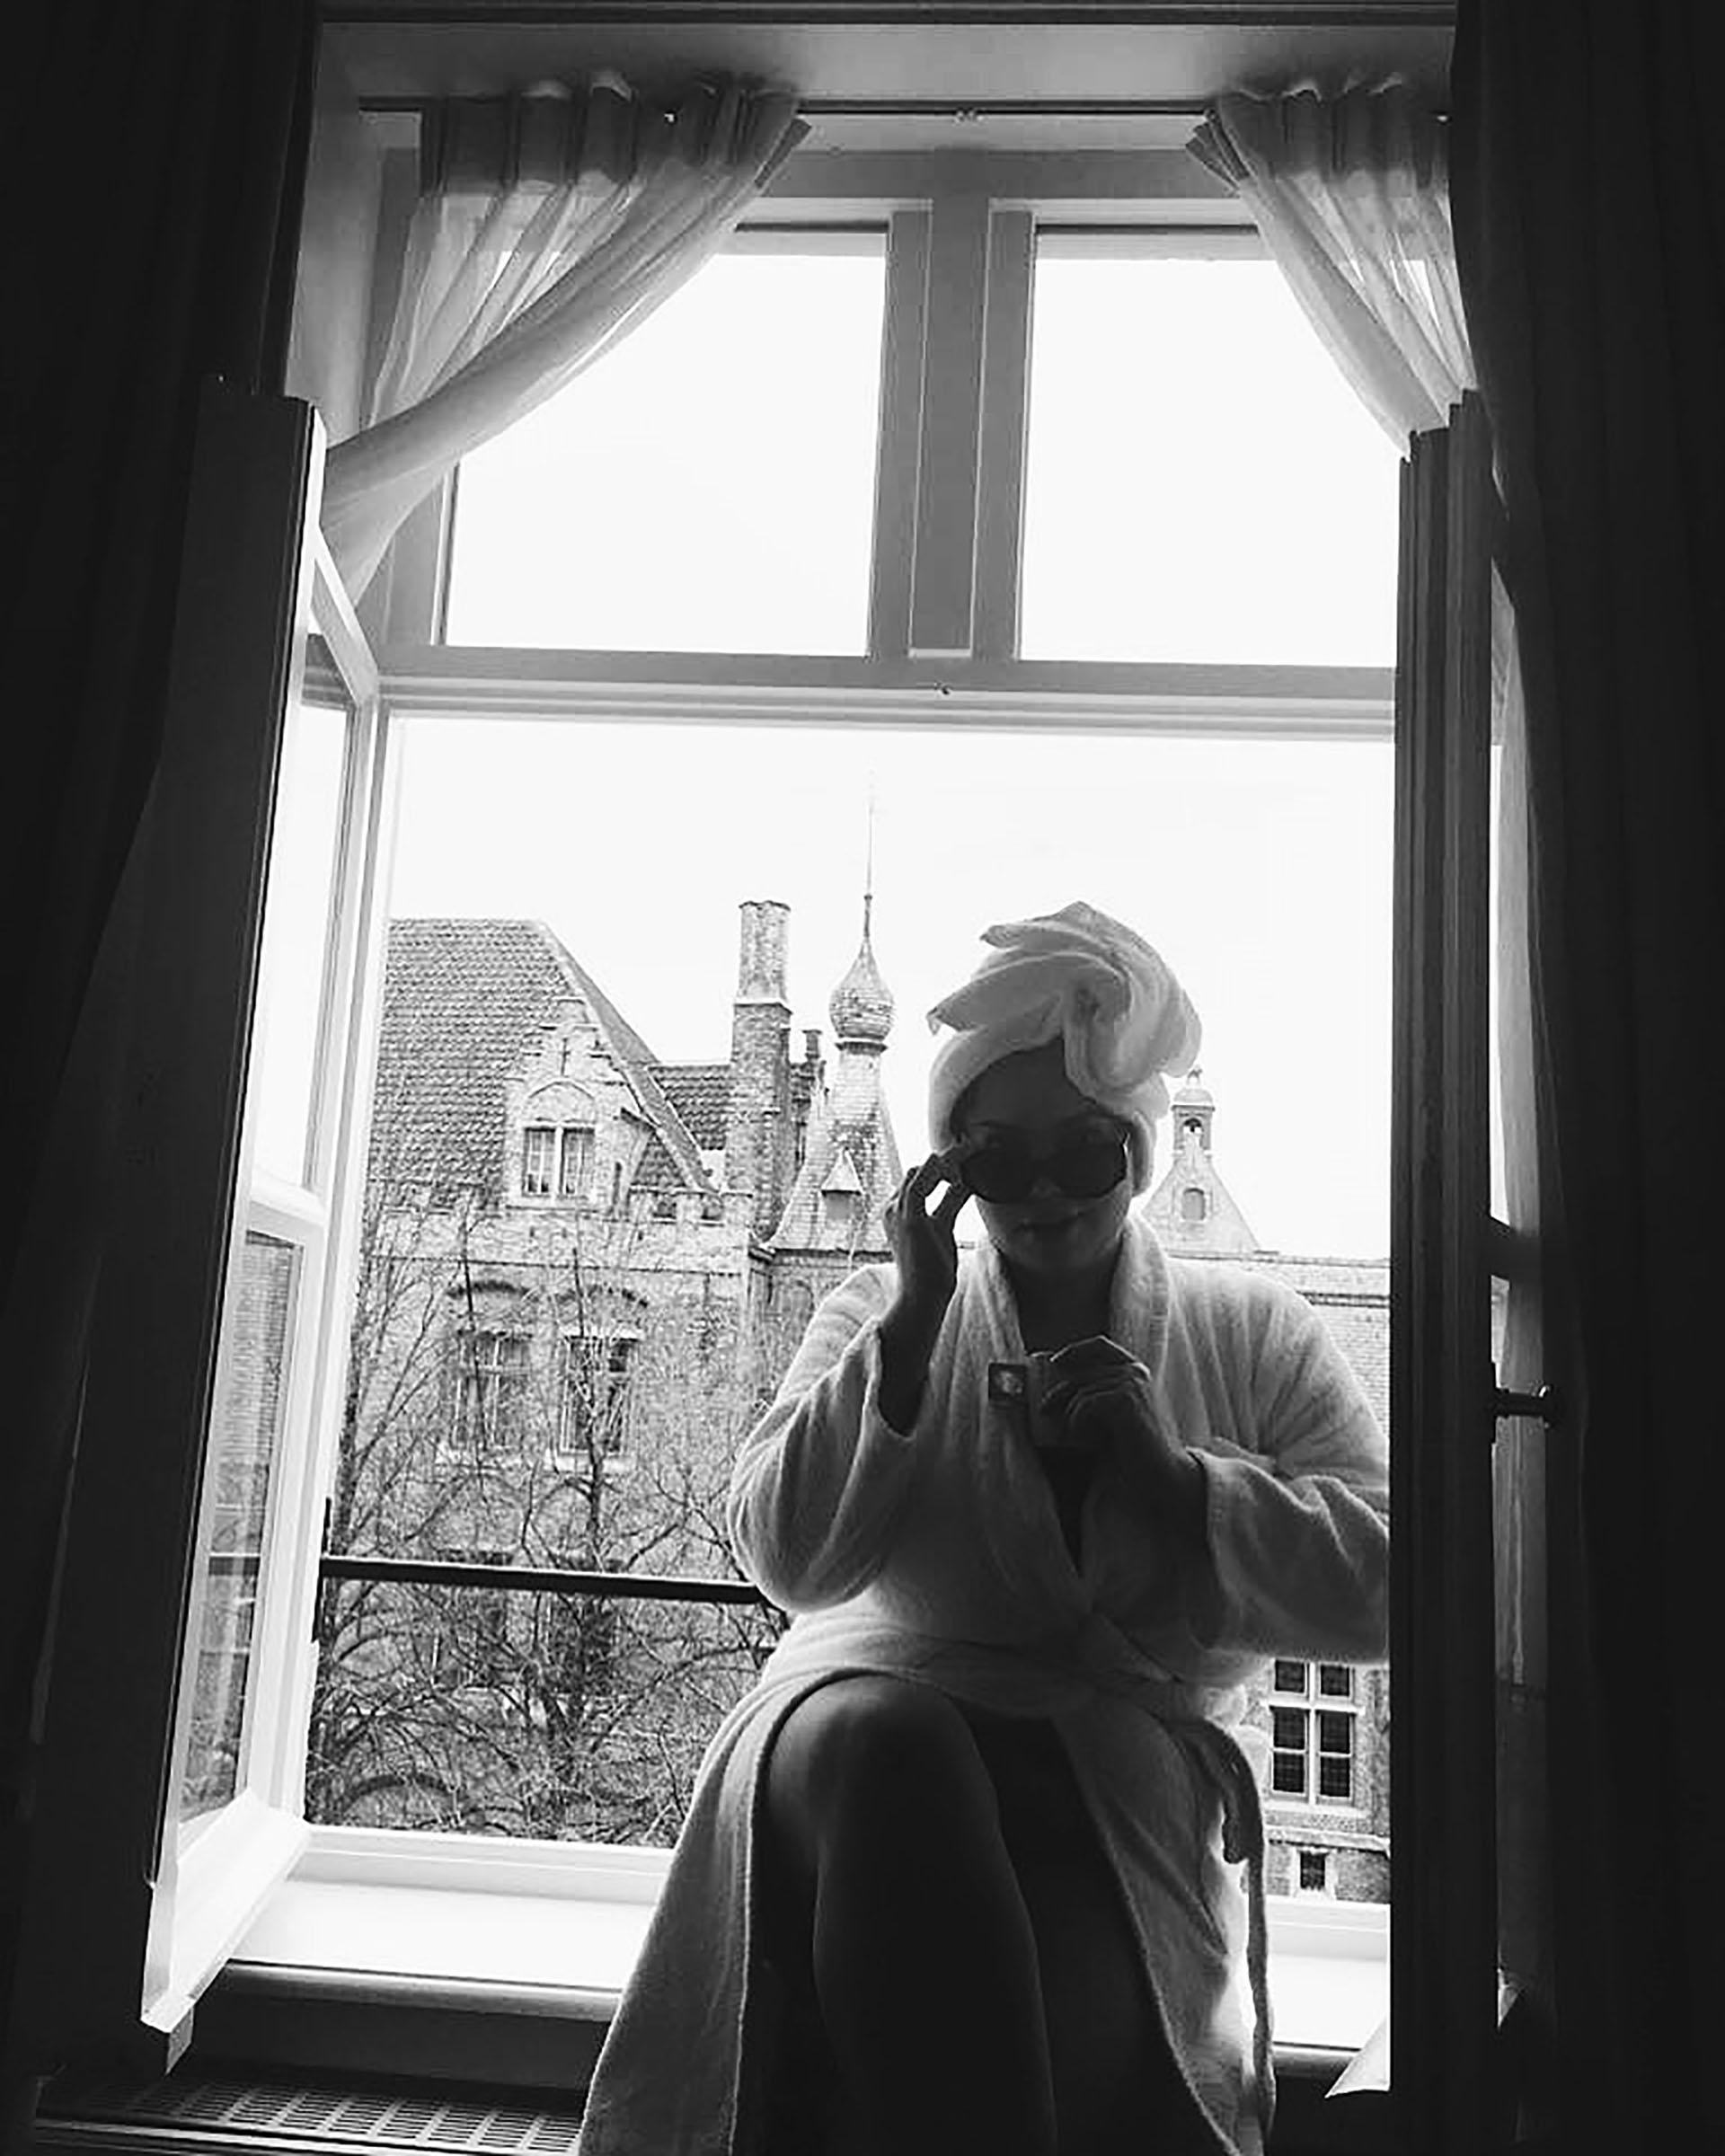 La modelo enunas vacaciones en Brujas, Bélgica.